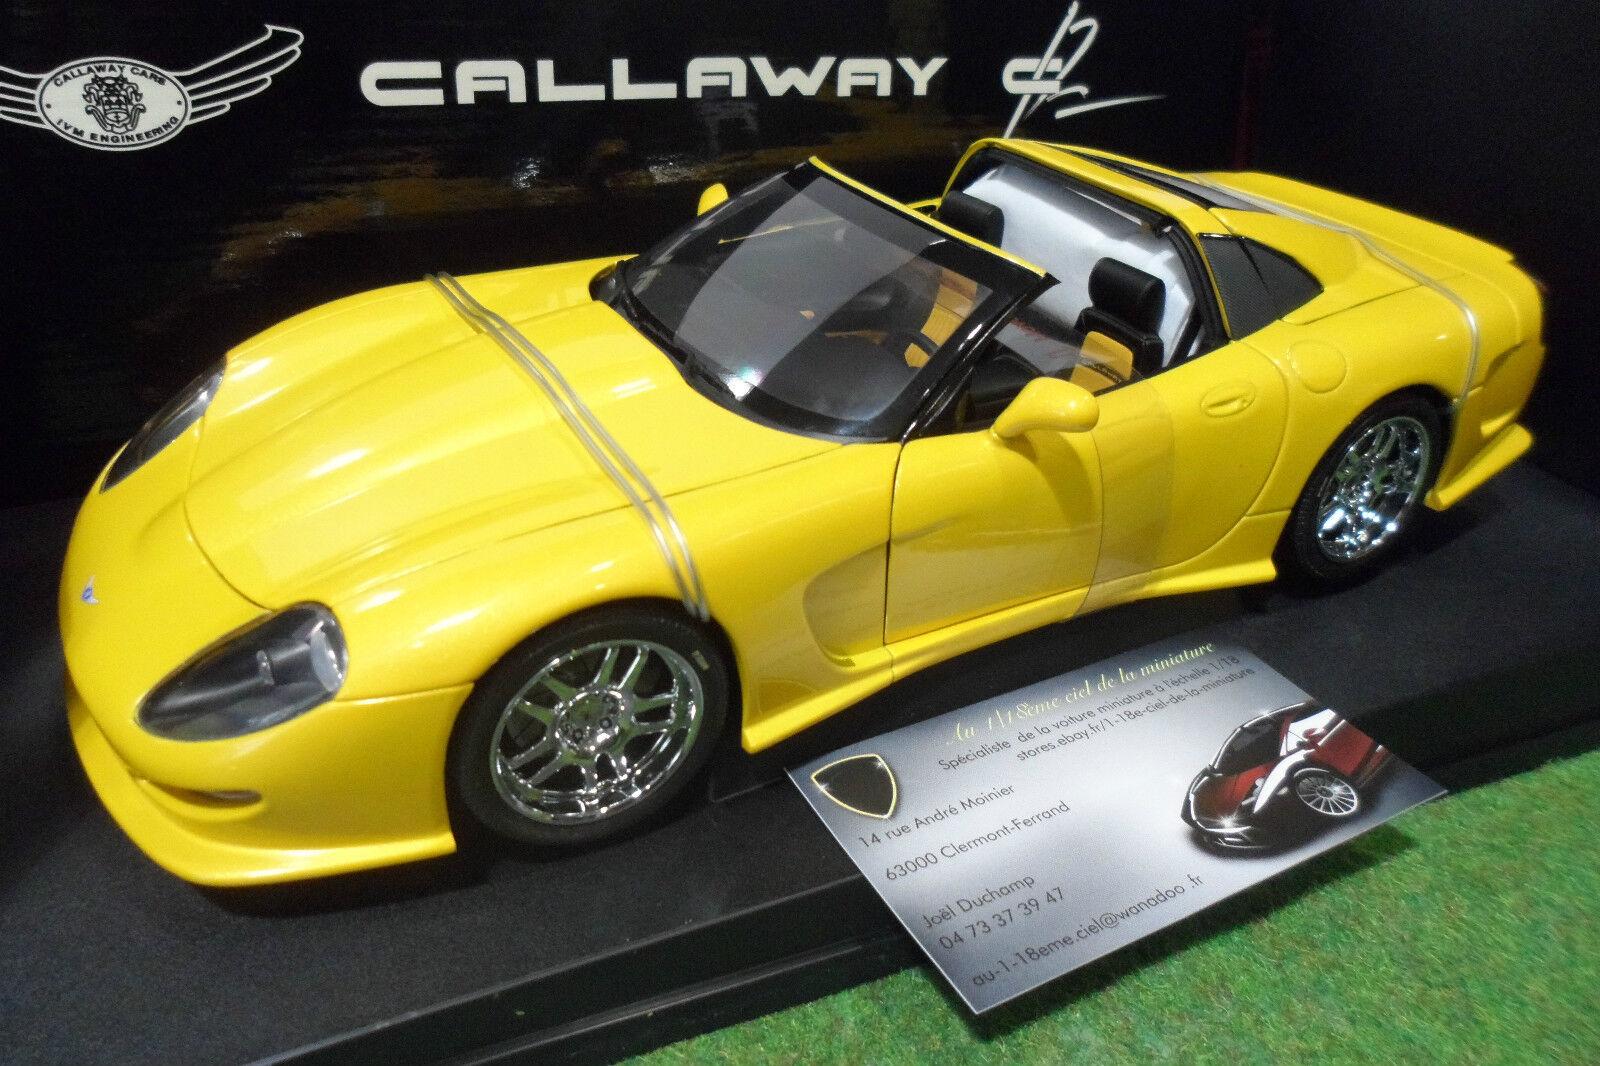 CALLAWAY C12 Chevrolet Corvette cabriolet j 1 18 AUTOart 71013 voiture miniature